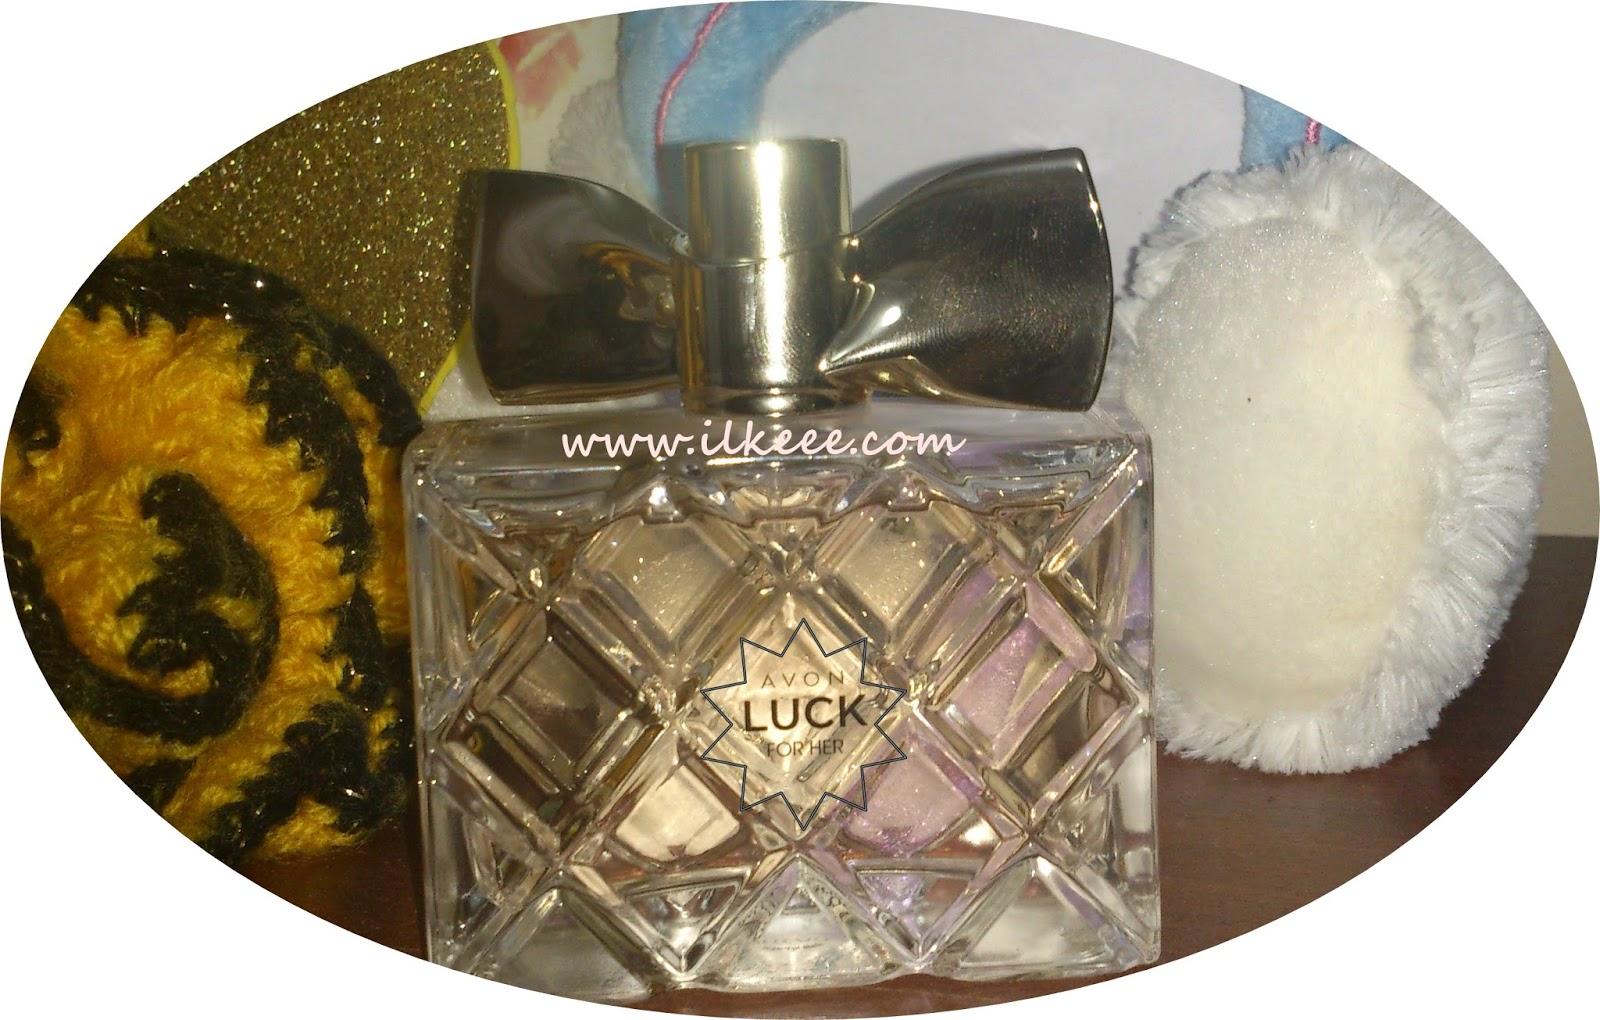 Avon K11 - Avon - Avon Luck EDP - Luck parfüm - Avon yeni Luck Bayan Parfüm deneyenler- Luck Fragnance